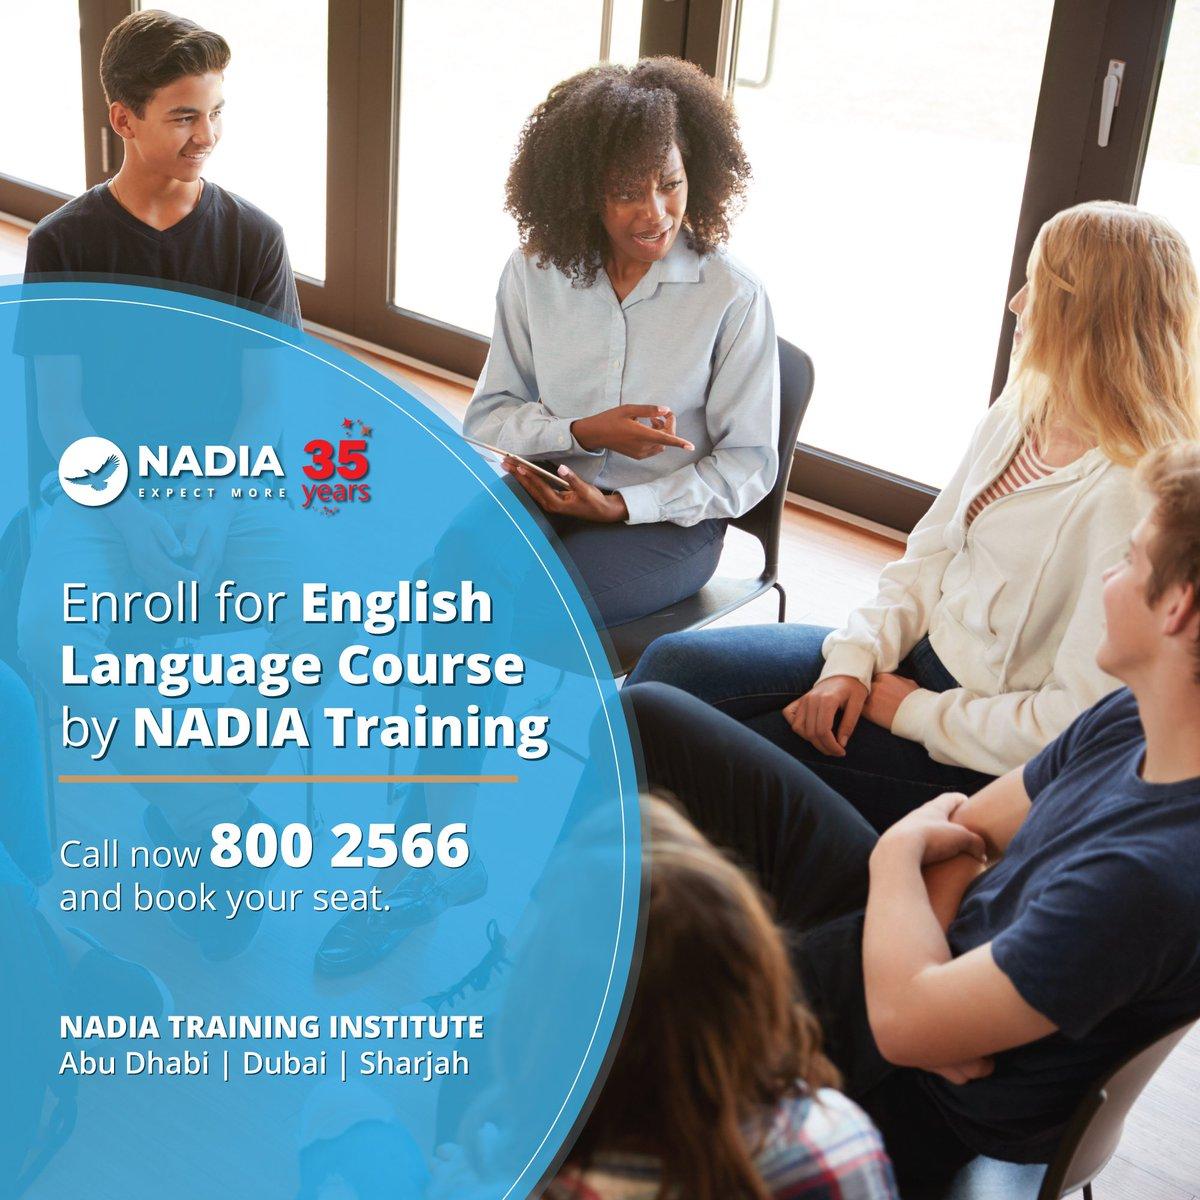 NADIA Global Group (@NADIAGlobal) | Twitter